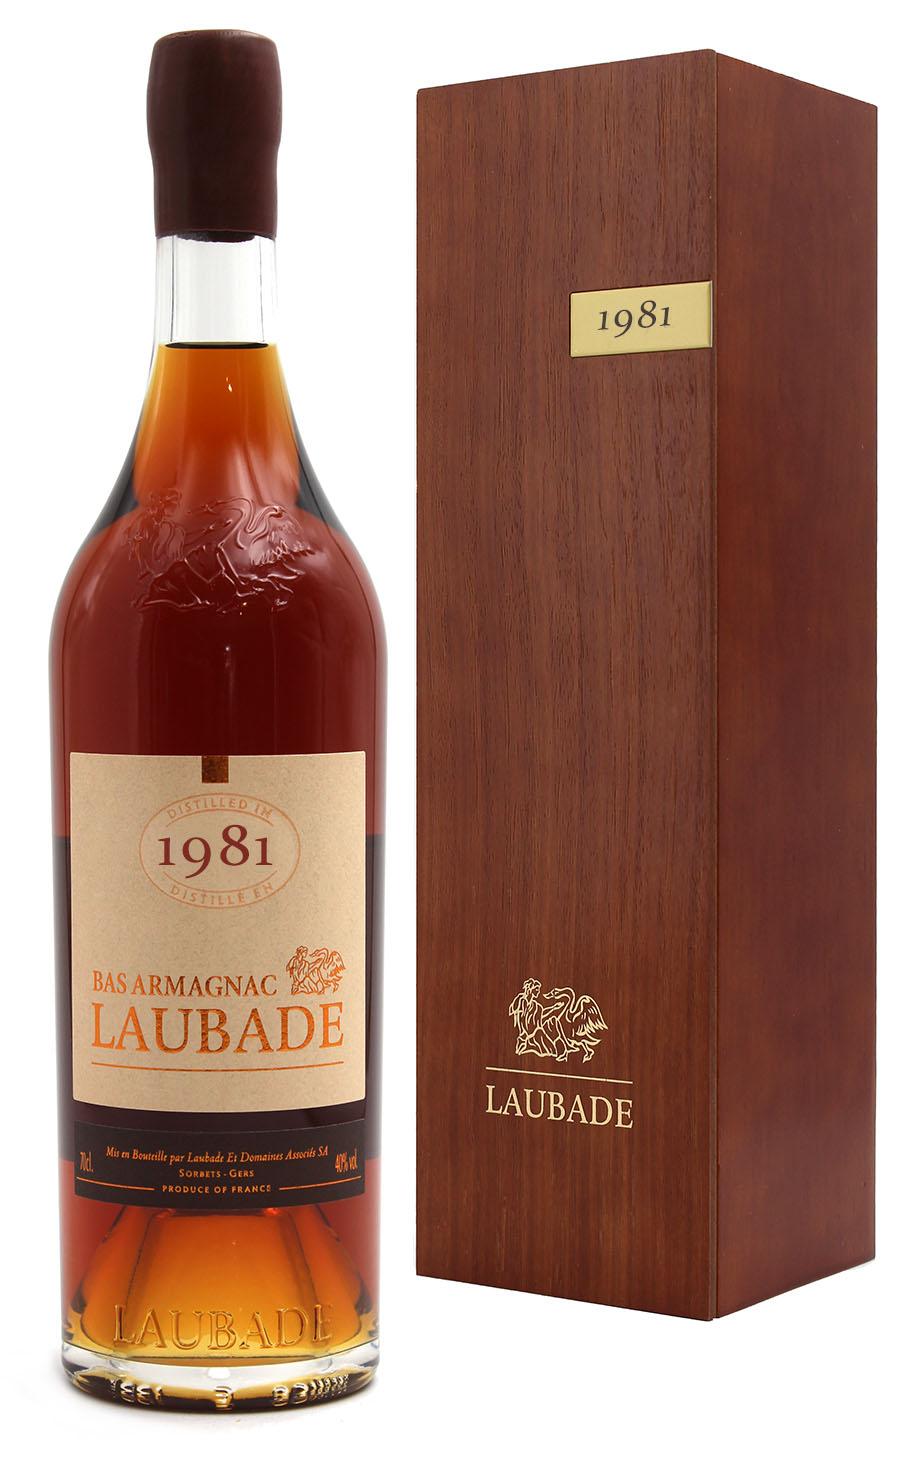 Bas Armagnac Laubade 1981  - 70cl